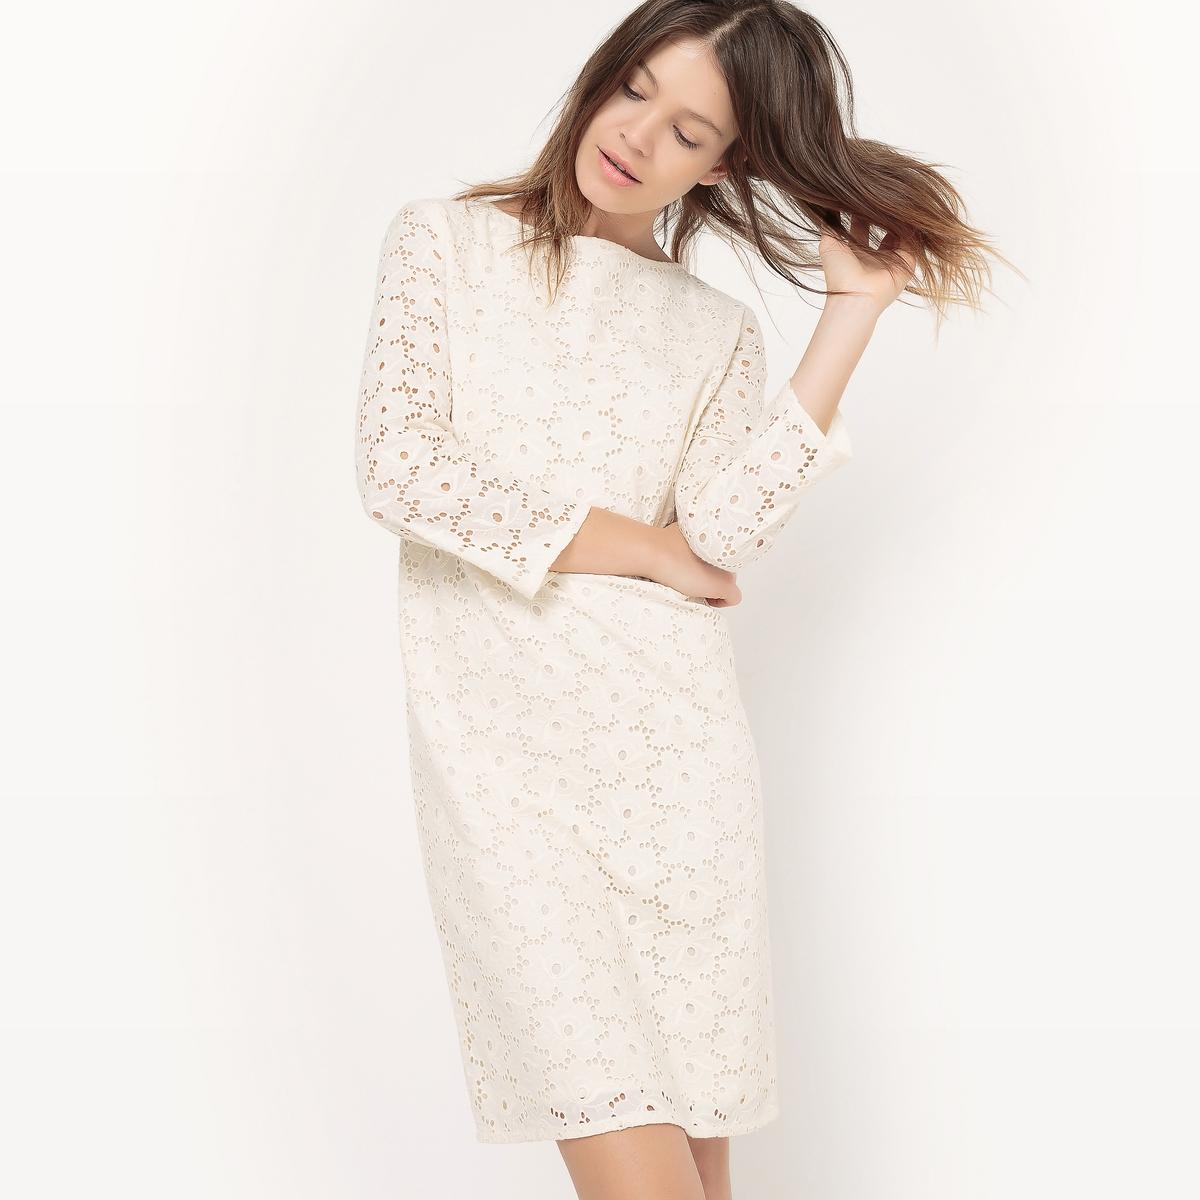 Платье с английской вышивкой, длина до колен платья